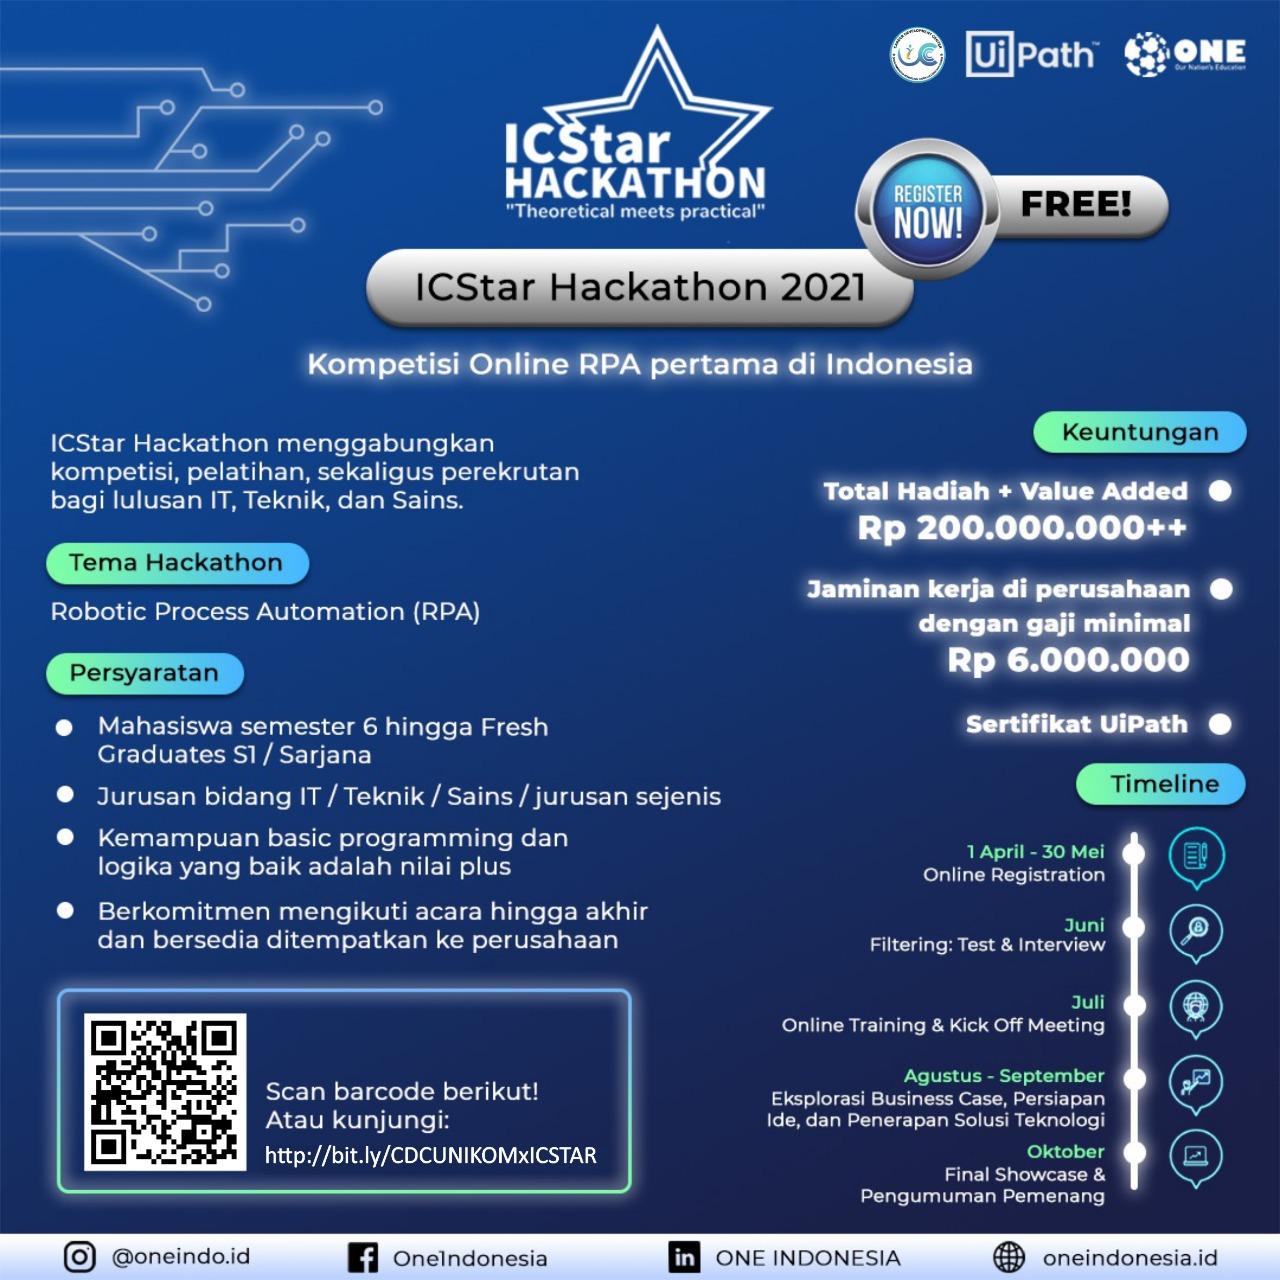 Kompetisi online RPA Pertama di Indonesia